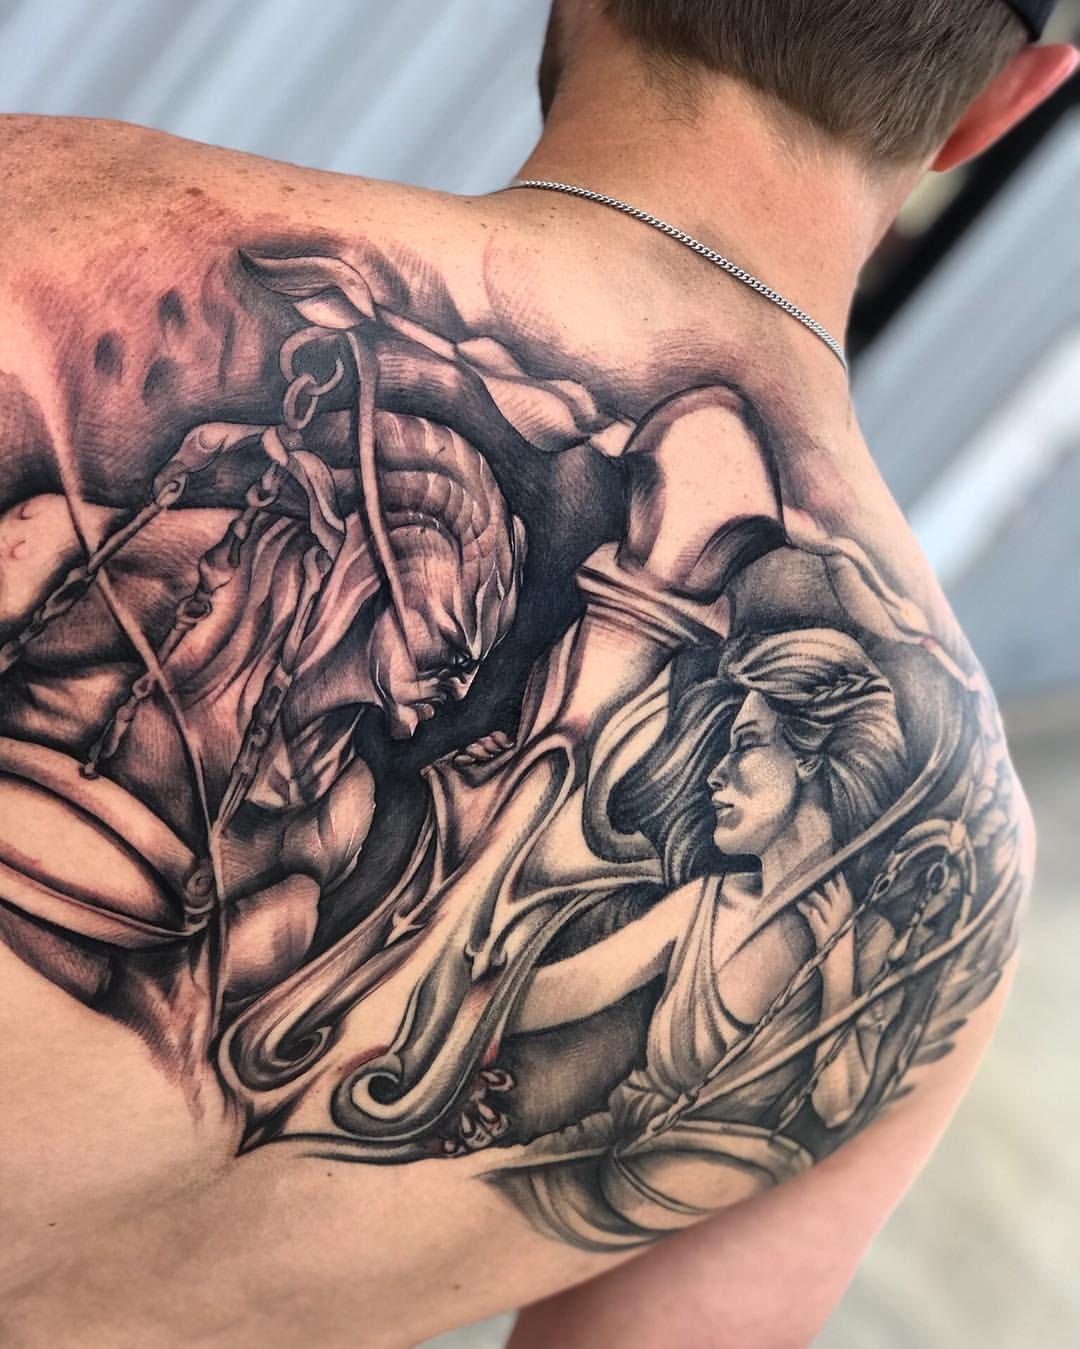 Justice The Art Of Tattooing Tattoo Sal Seventhsealtattoo Dallastattooartist Dallastattoo Backtattoo Good Tattoos Becoming A Tattoo Artist Dallas Tattoo